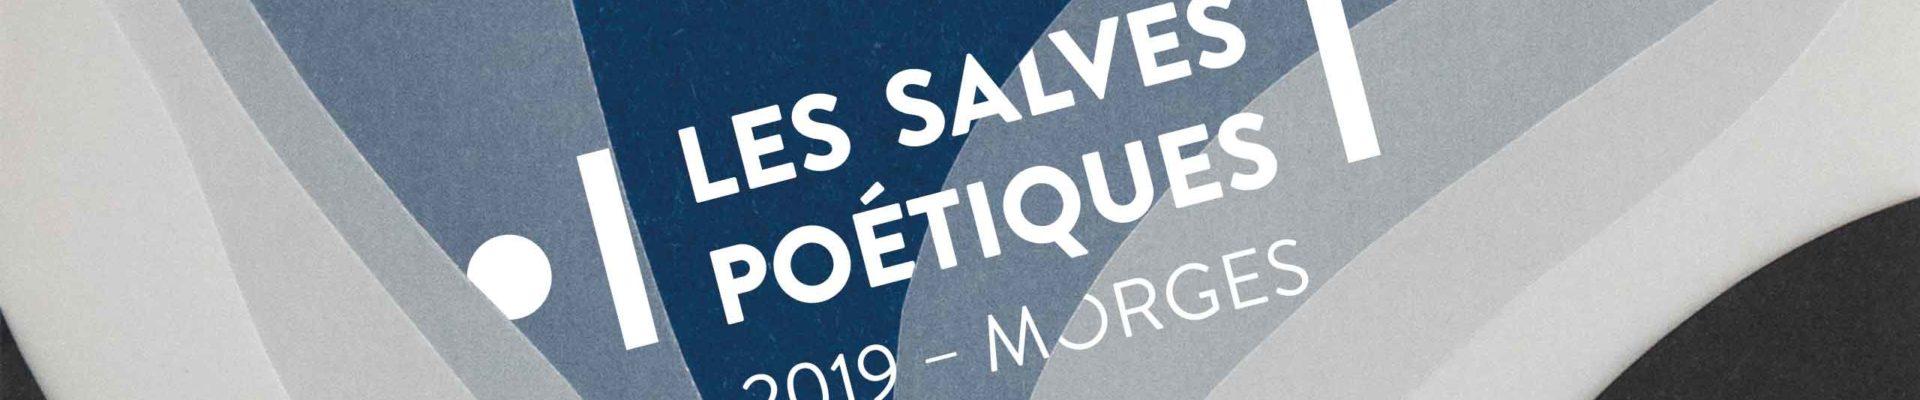 Les Salves Poétiques 2019